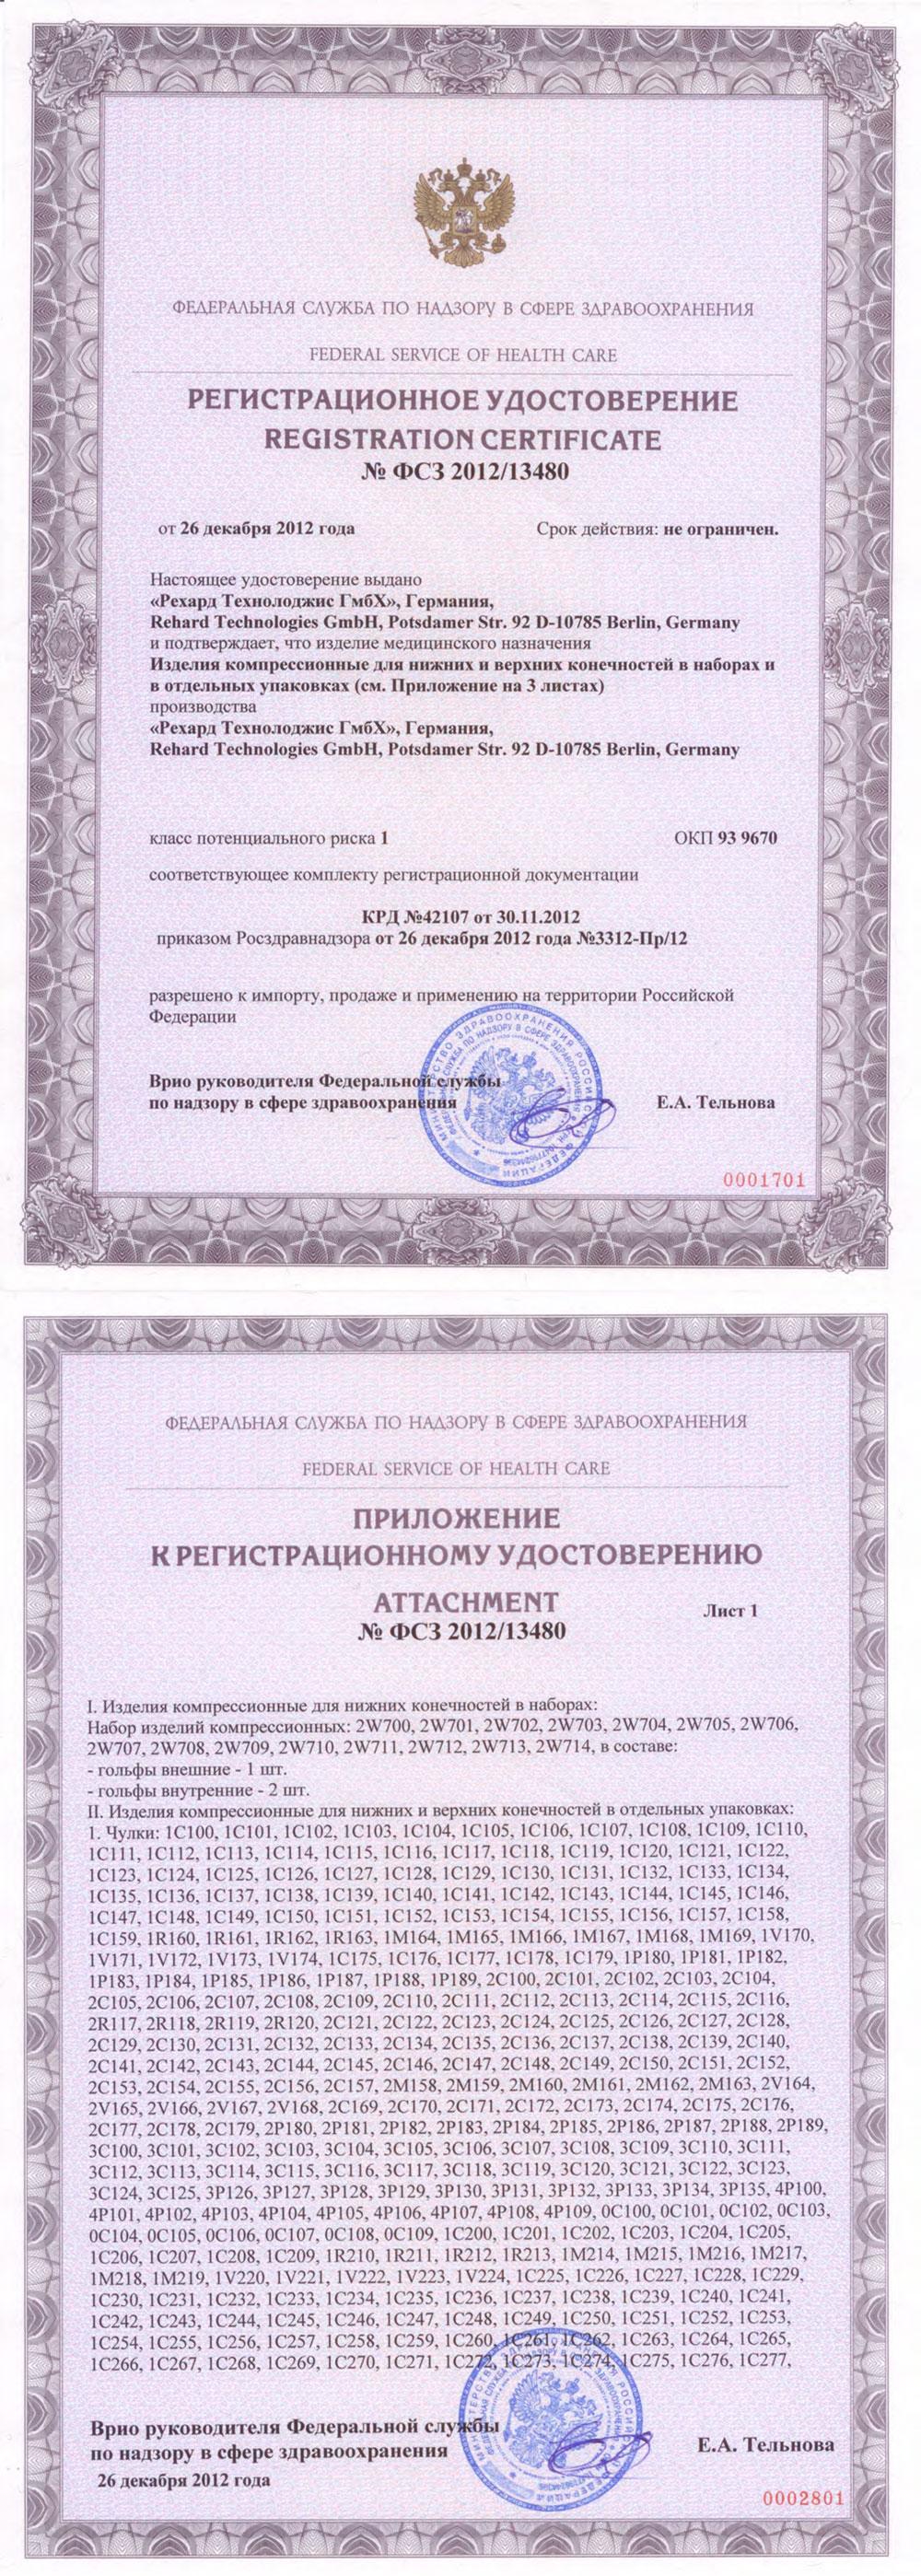 Регистрационное удостоверение на VENOTEKS